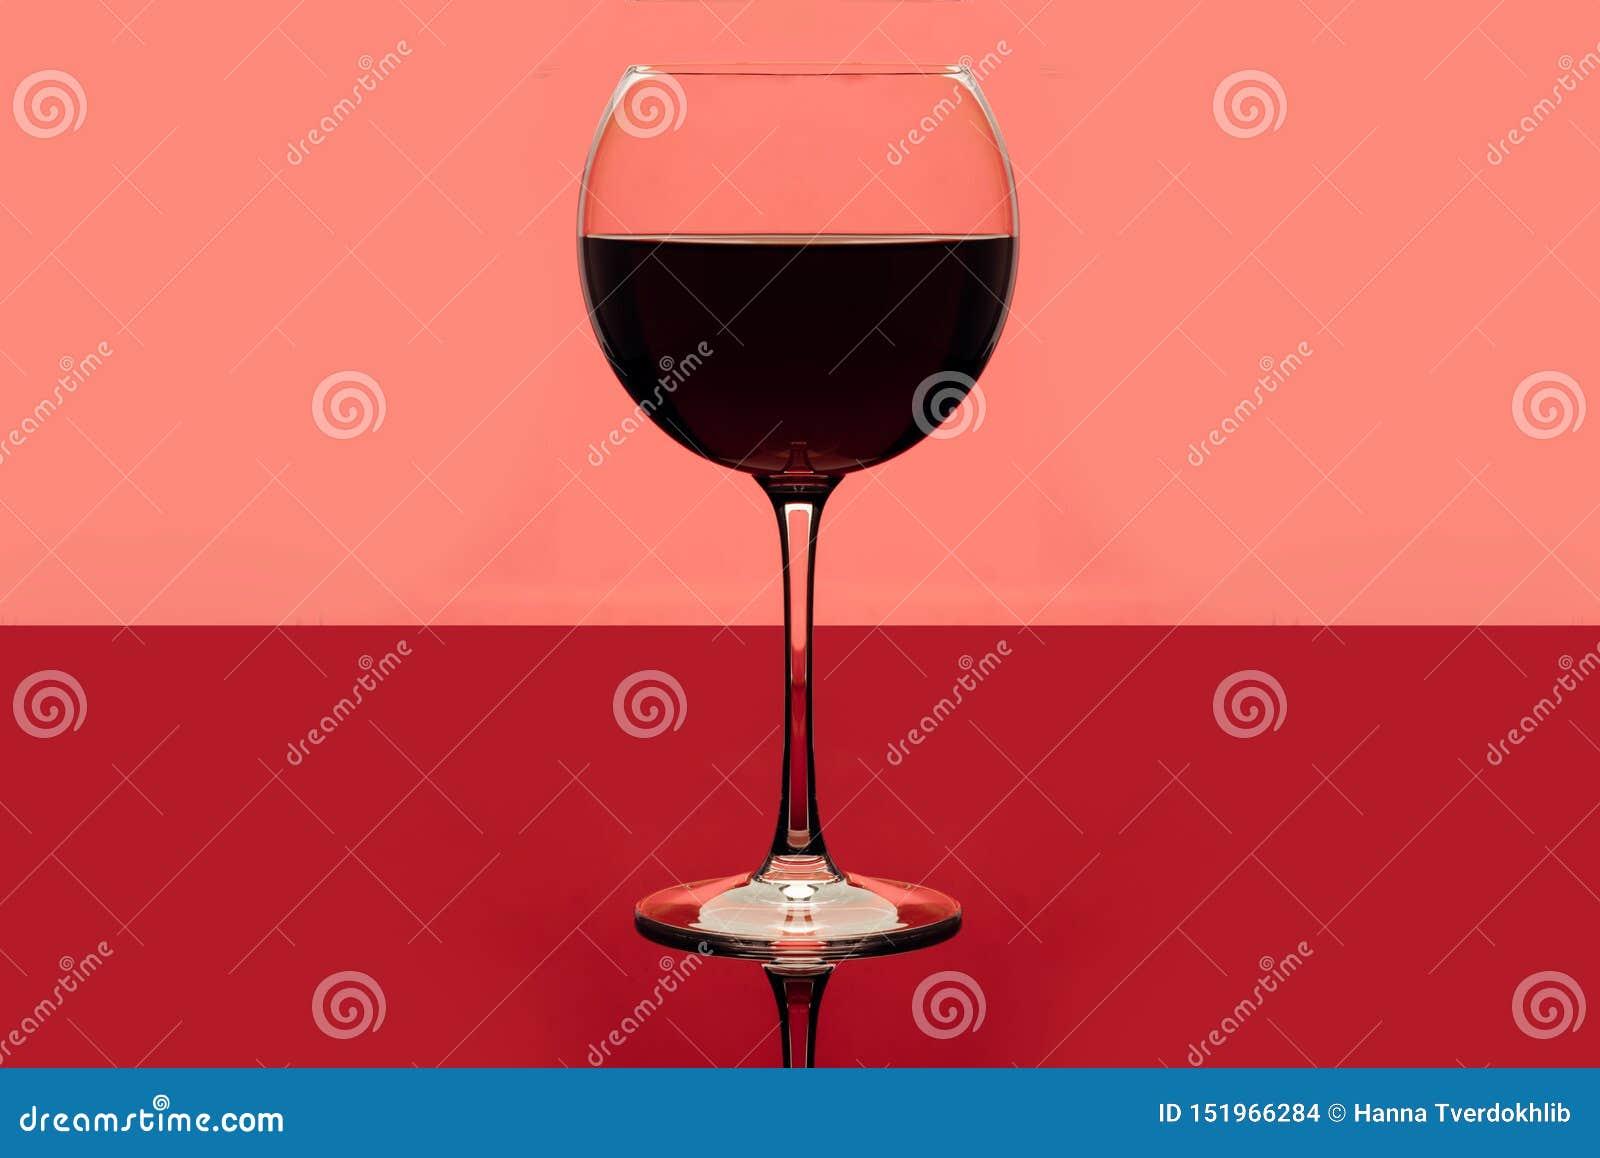 Rode wijn Drankglas rode wijn op een roze en rode achtergrond Alcoholische drank Romantische avond of eenzaamheid